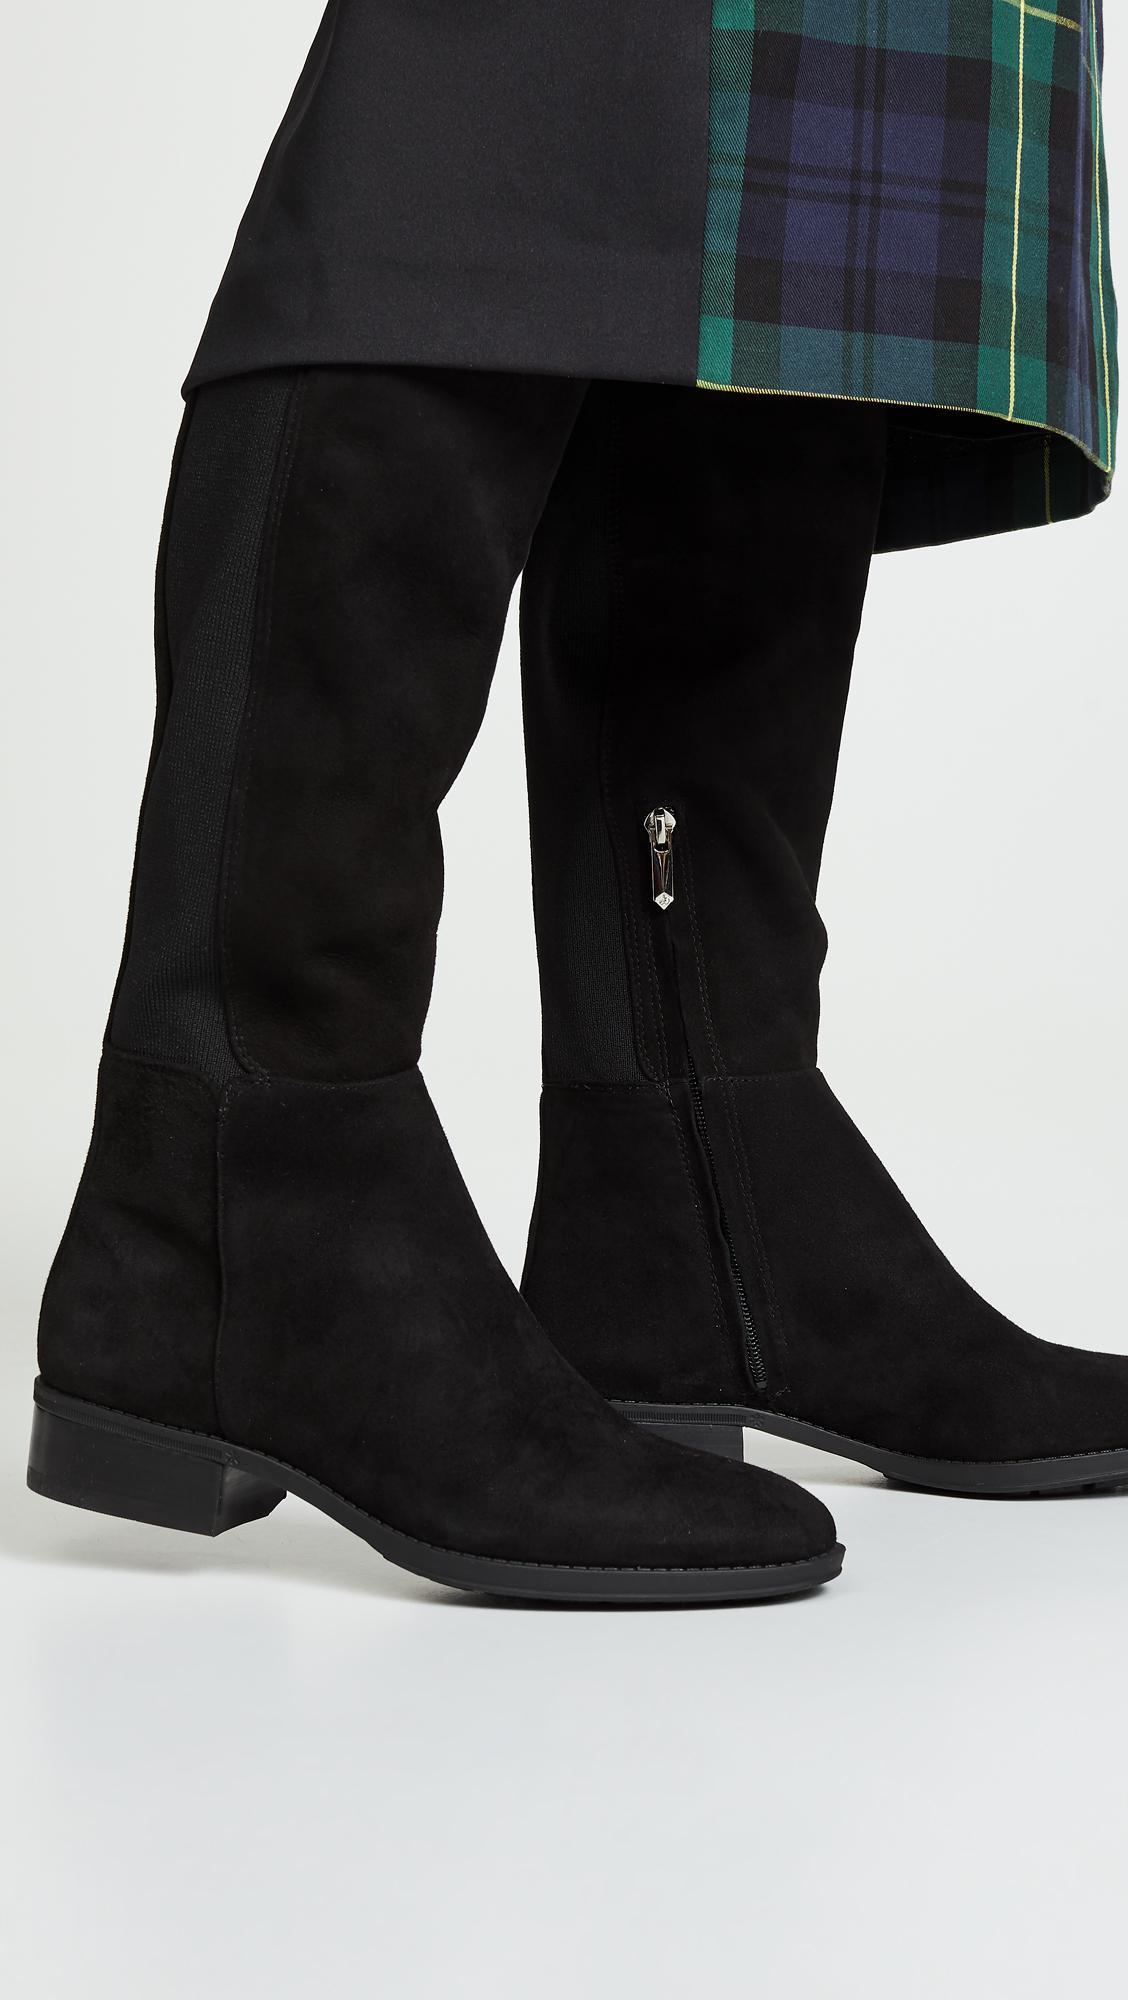 293e6b23e Lyst - Sam Edelman Pam Boots in Black